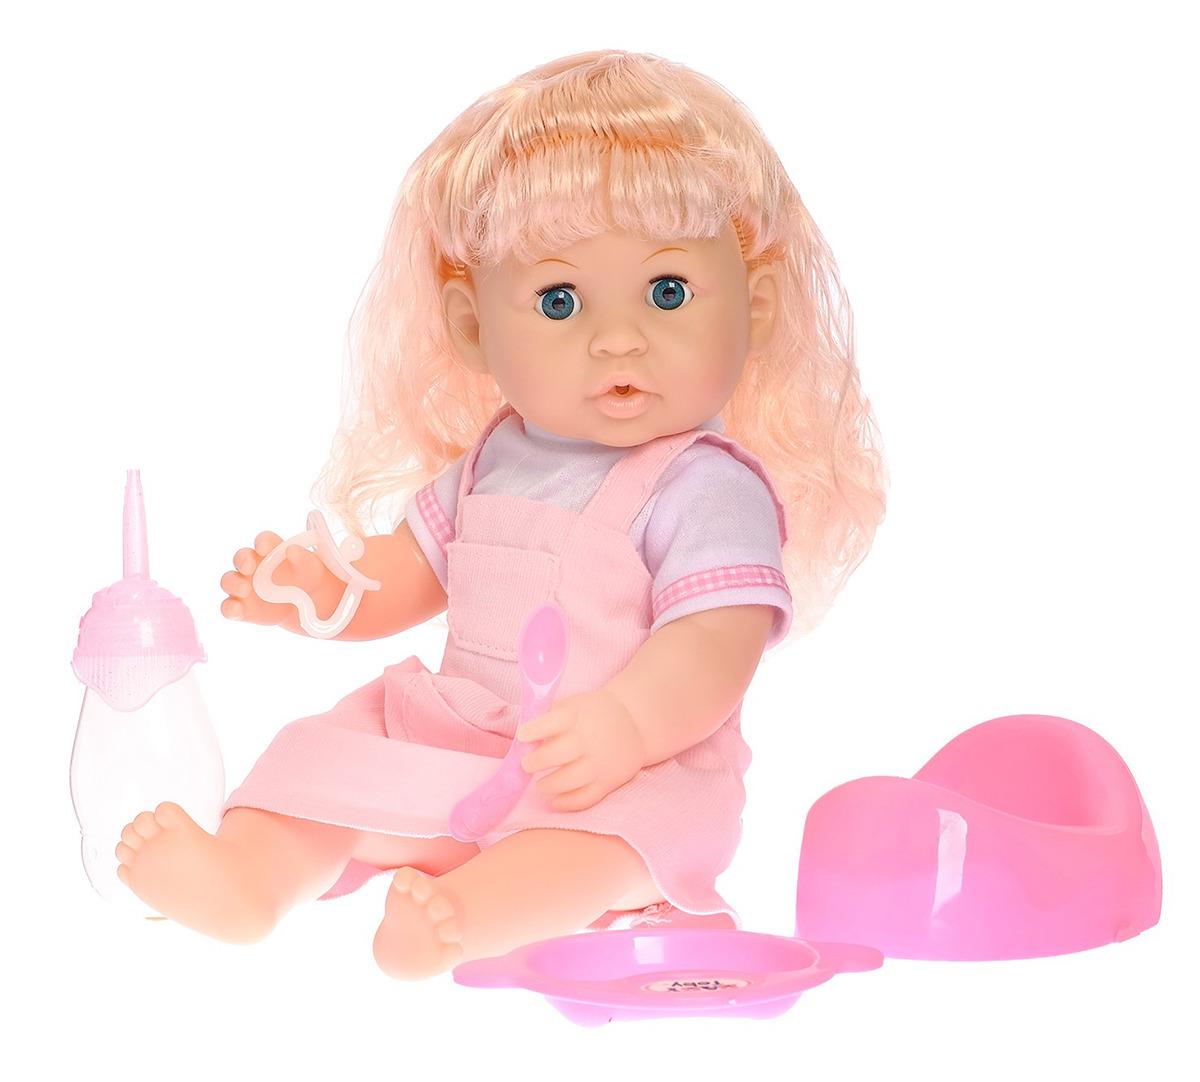 Пупс Марина, 33032633303263Удивительно реалистичная и красивая игрушка очень обрадует малыша. С такой симпатичной крохой можно весело проводить время целый день!